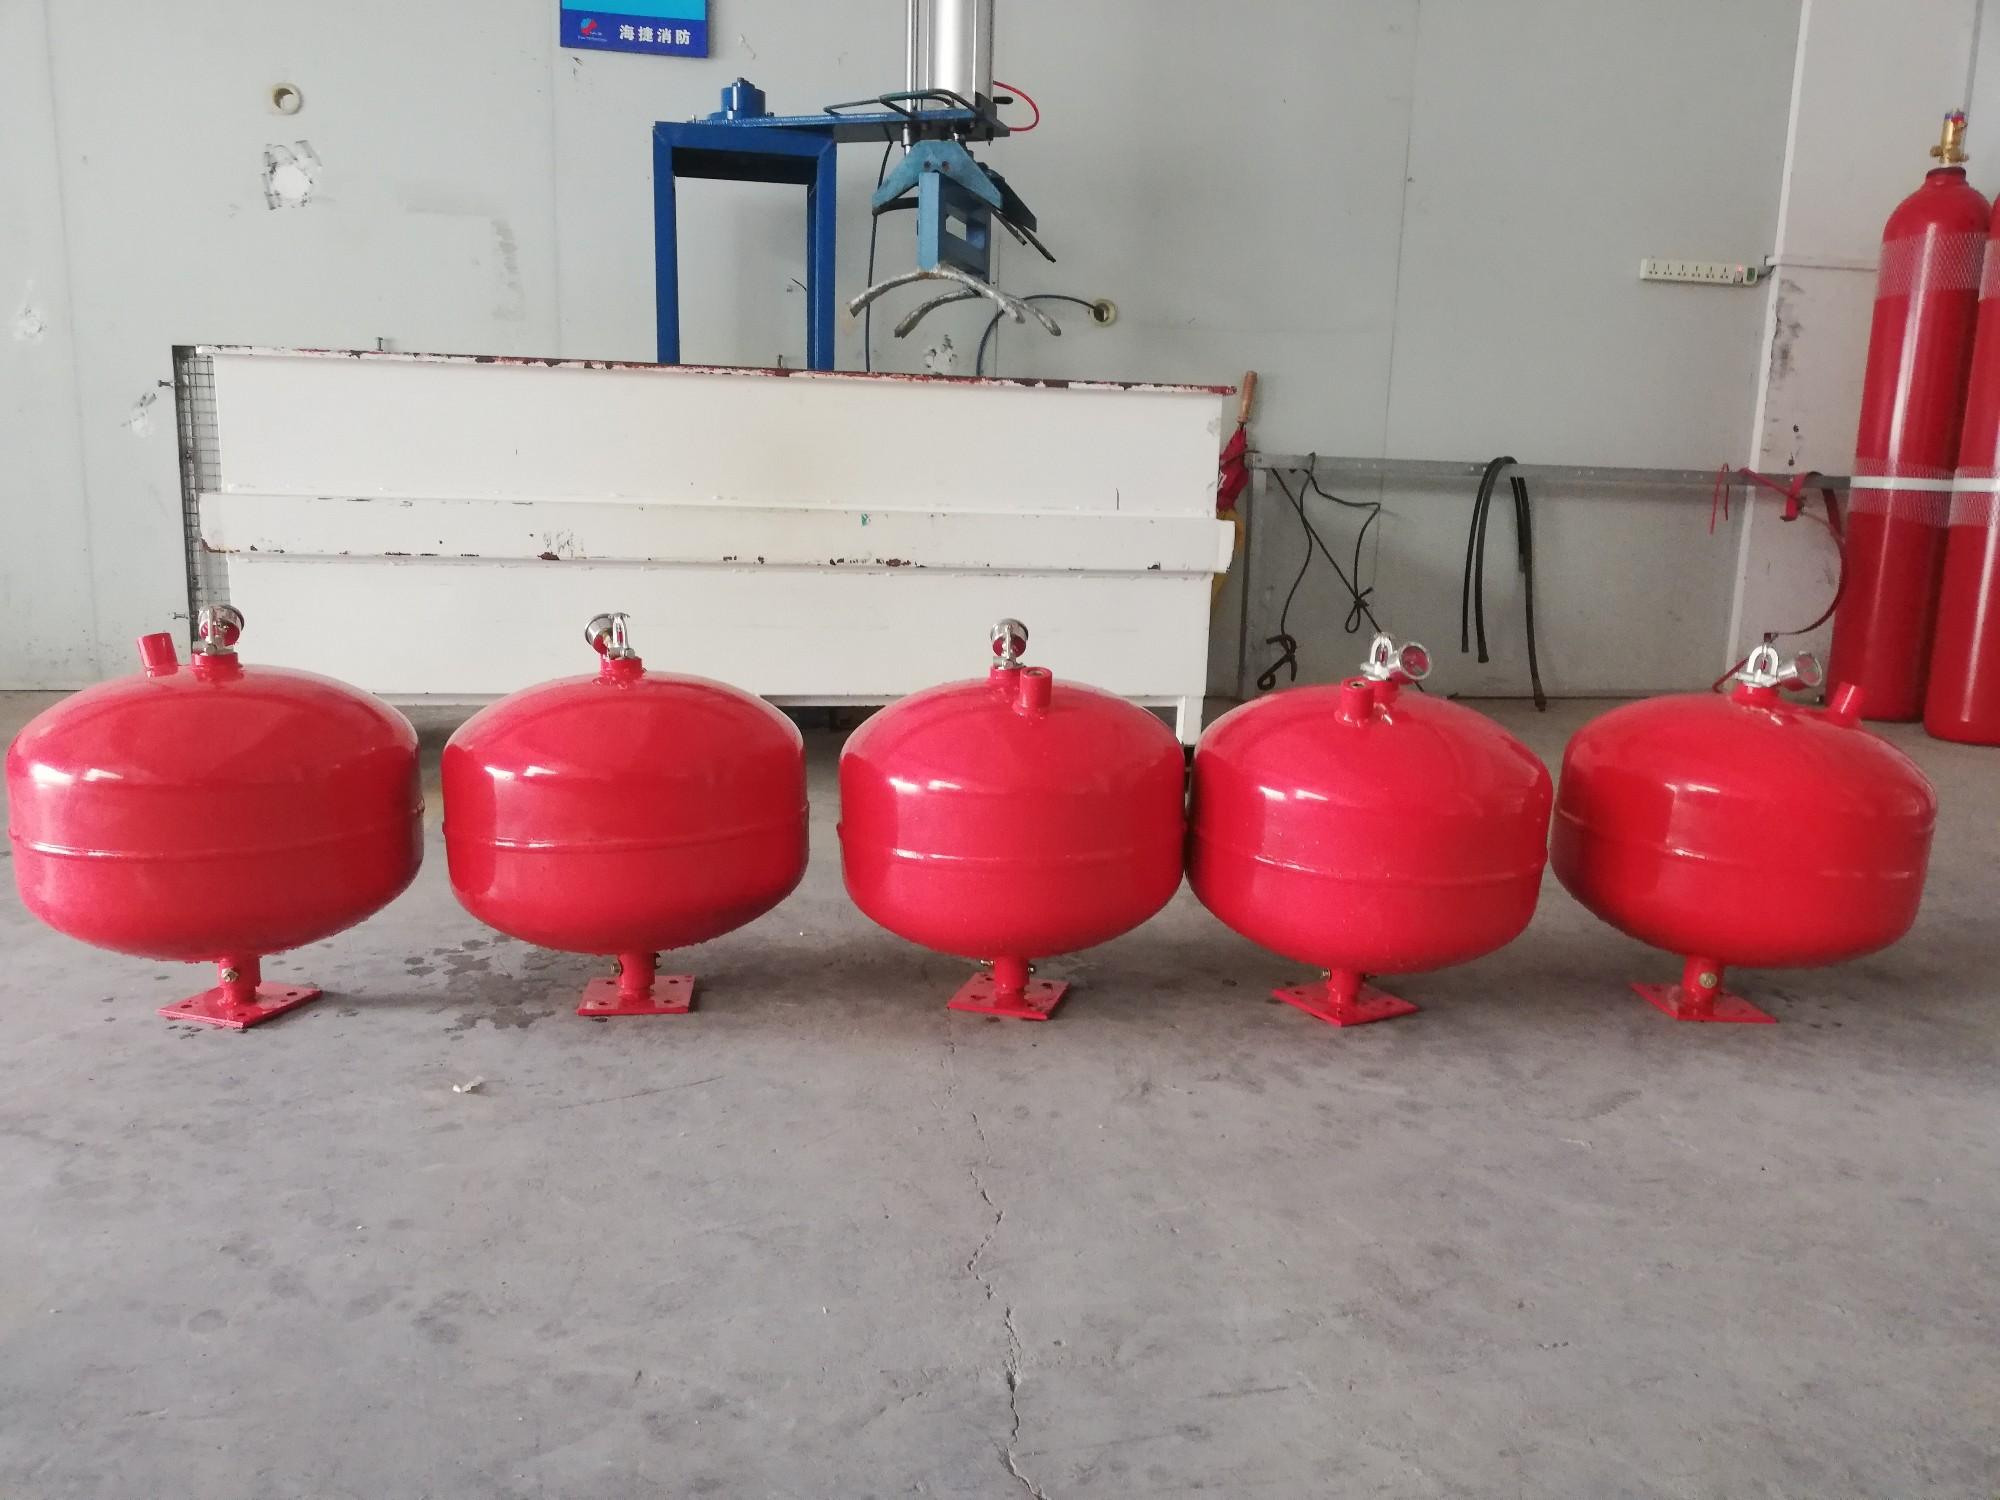 七氟丙烷灭火装置的数据检测计算